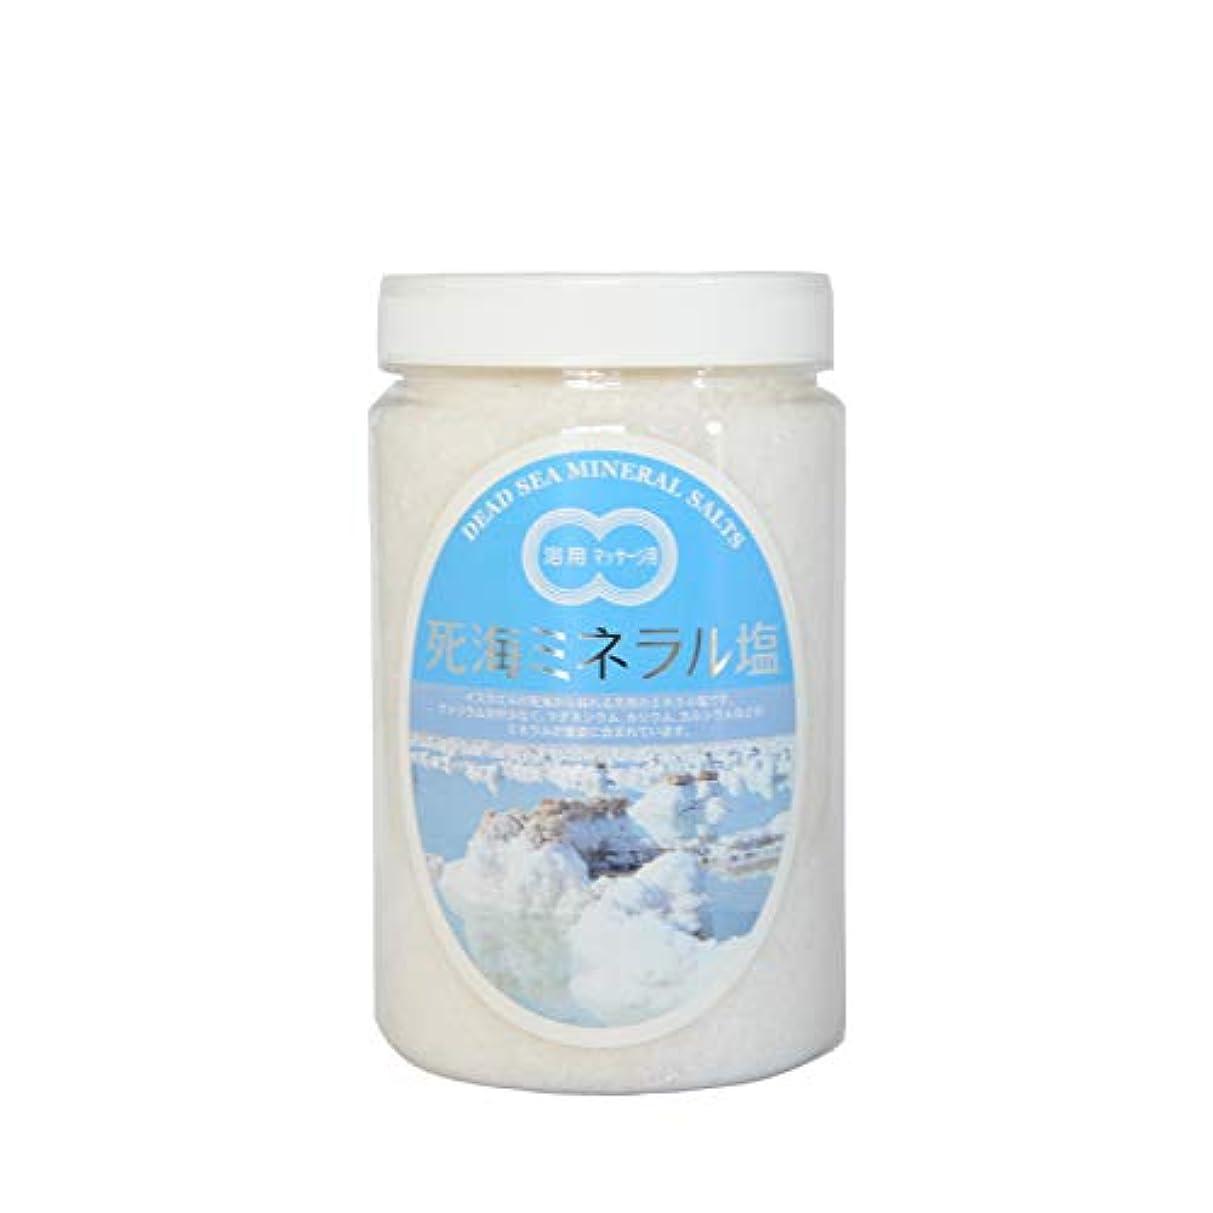 引き金オアシス孤独な死海ミネラル塩1kgボトル